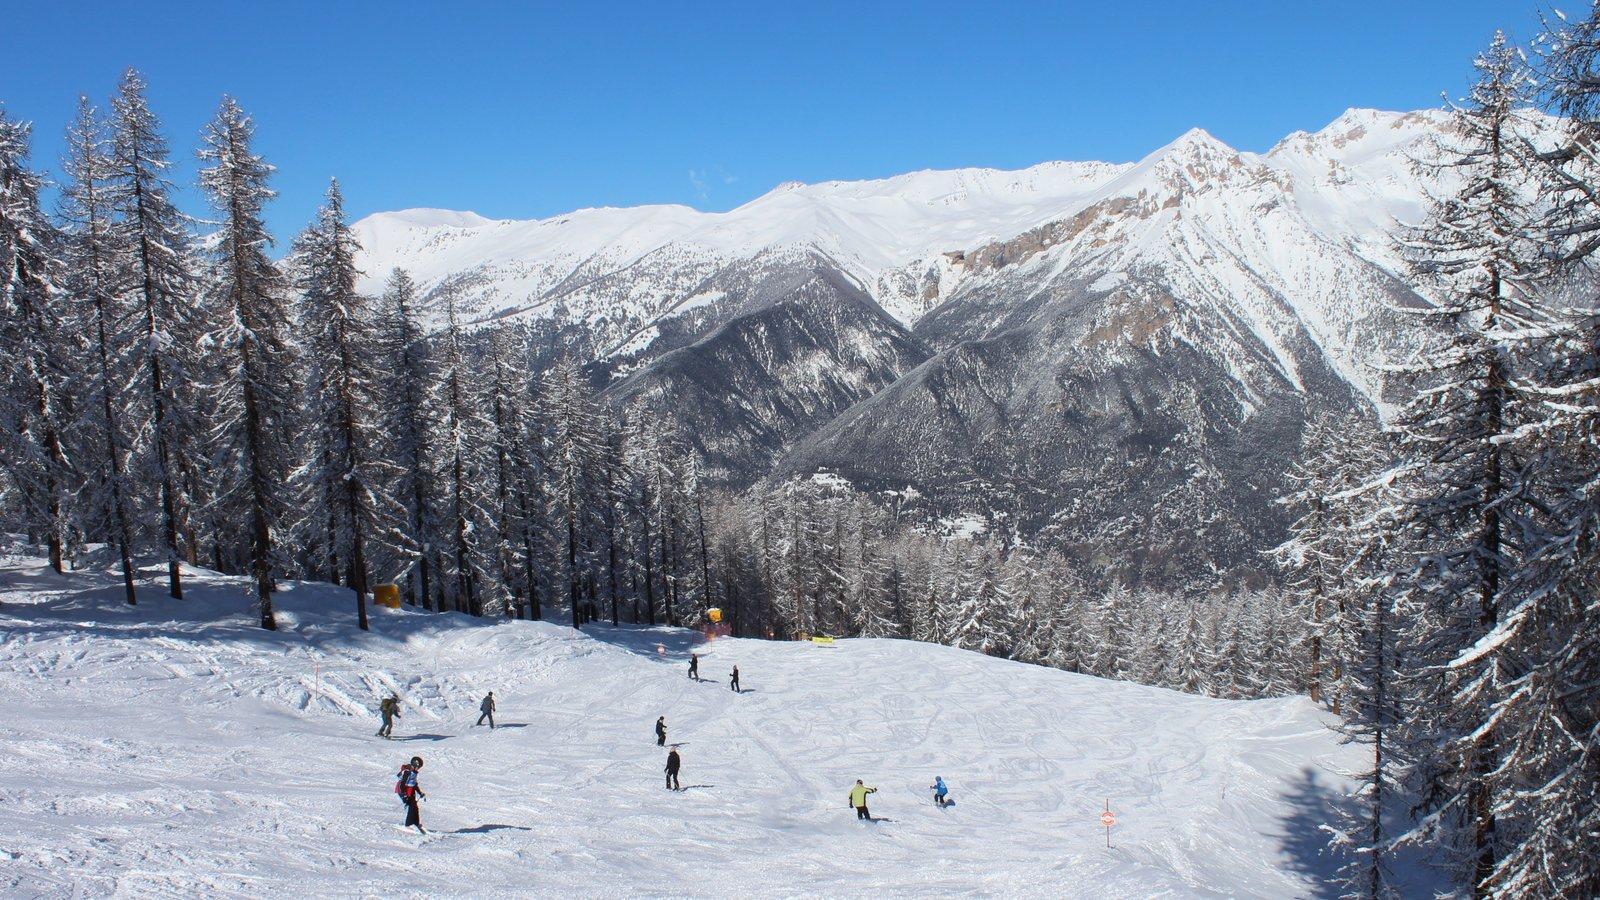 Sauze d\'Oulx ofreciendo nieve, snowboard y montañas